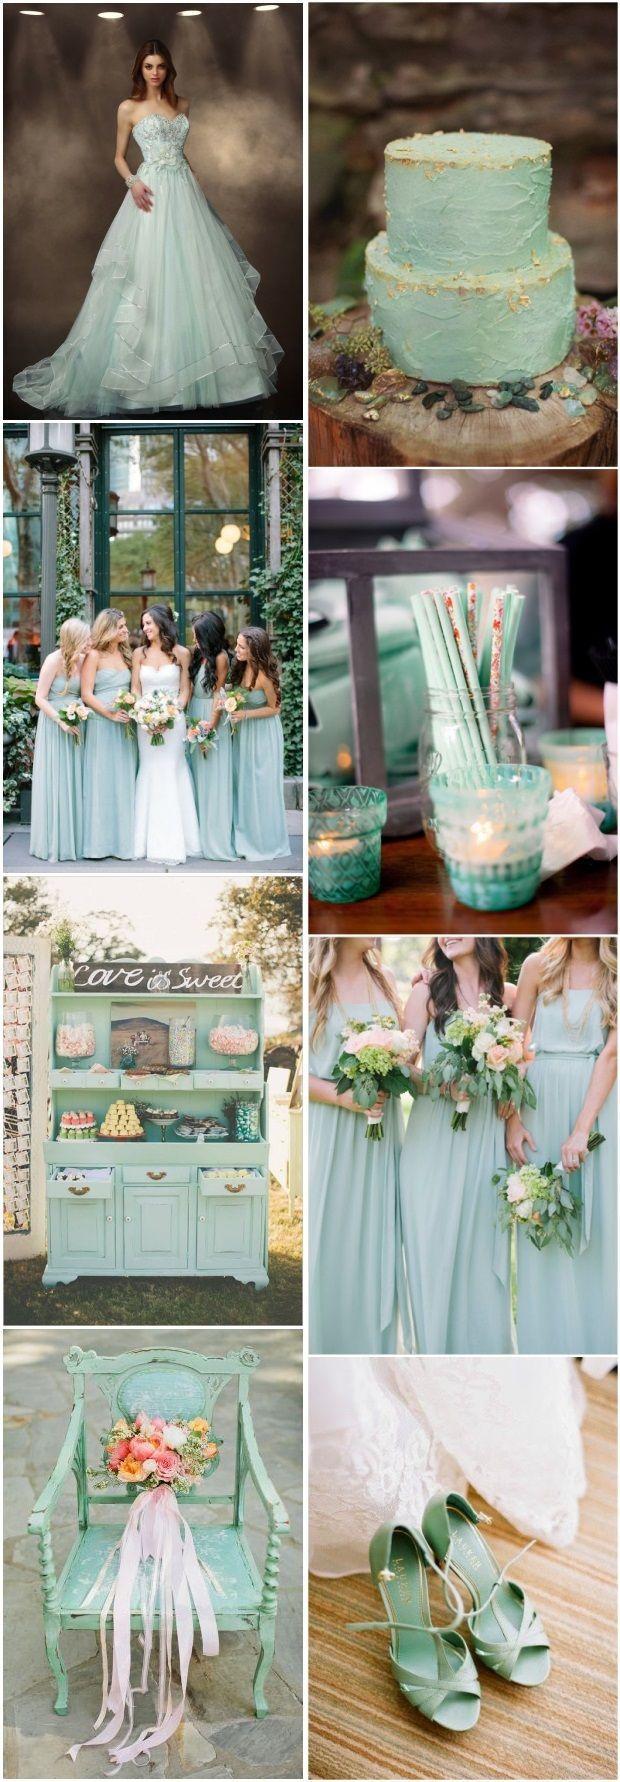 50 Mint Wedding Color Ideas You will Love | www.deerpearlflow...